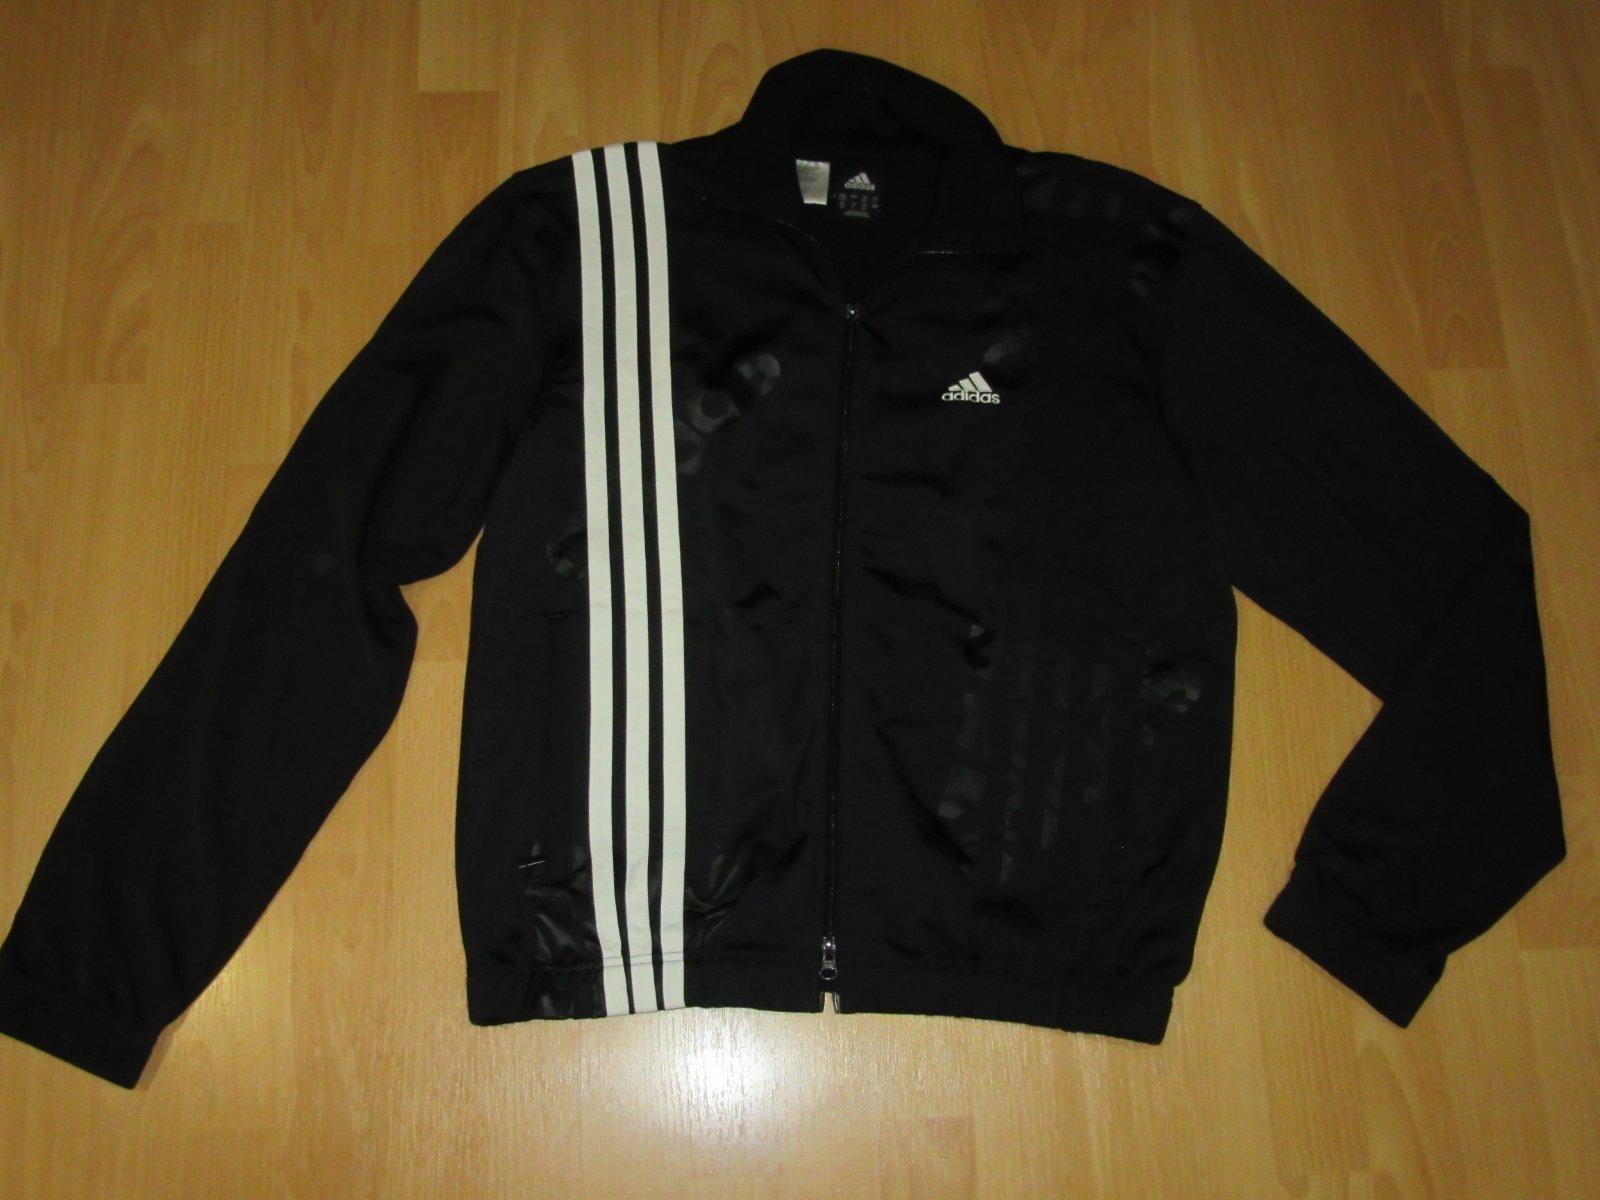 4610f8c37996 Adidas - športová mikina na zips